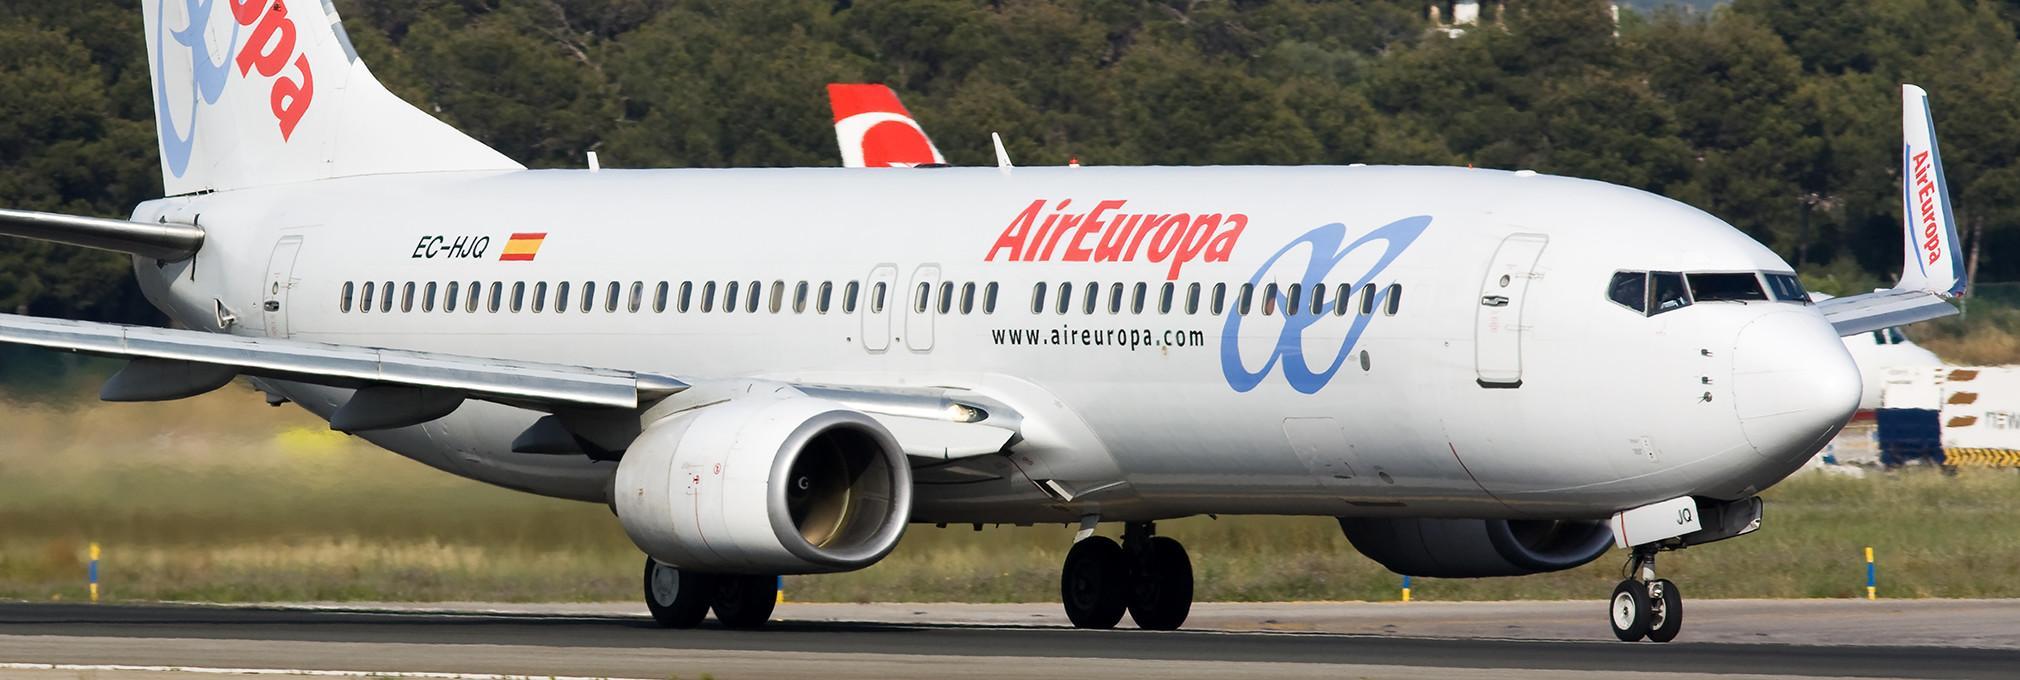 Offerte Air Europa luglio